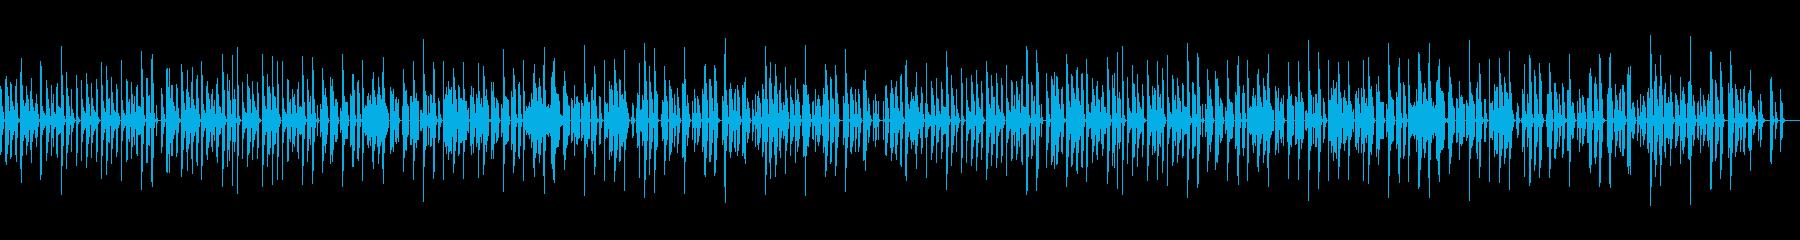 s004 静かにかわいく前のめりトークするBGMの再生済みの波形